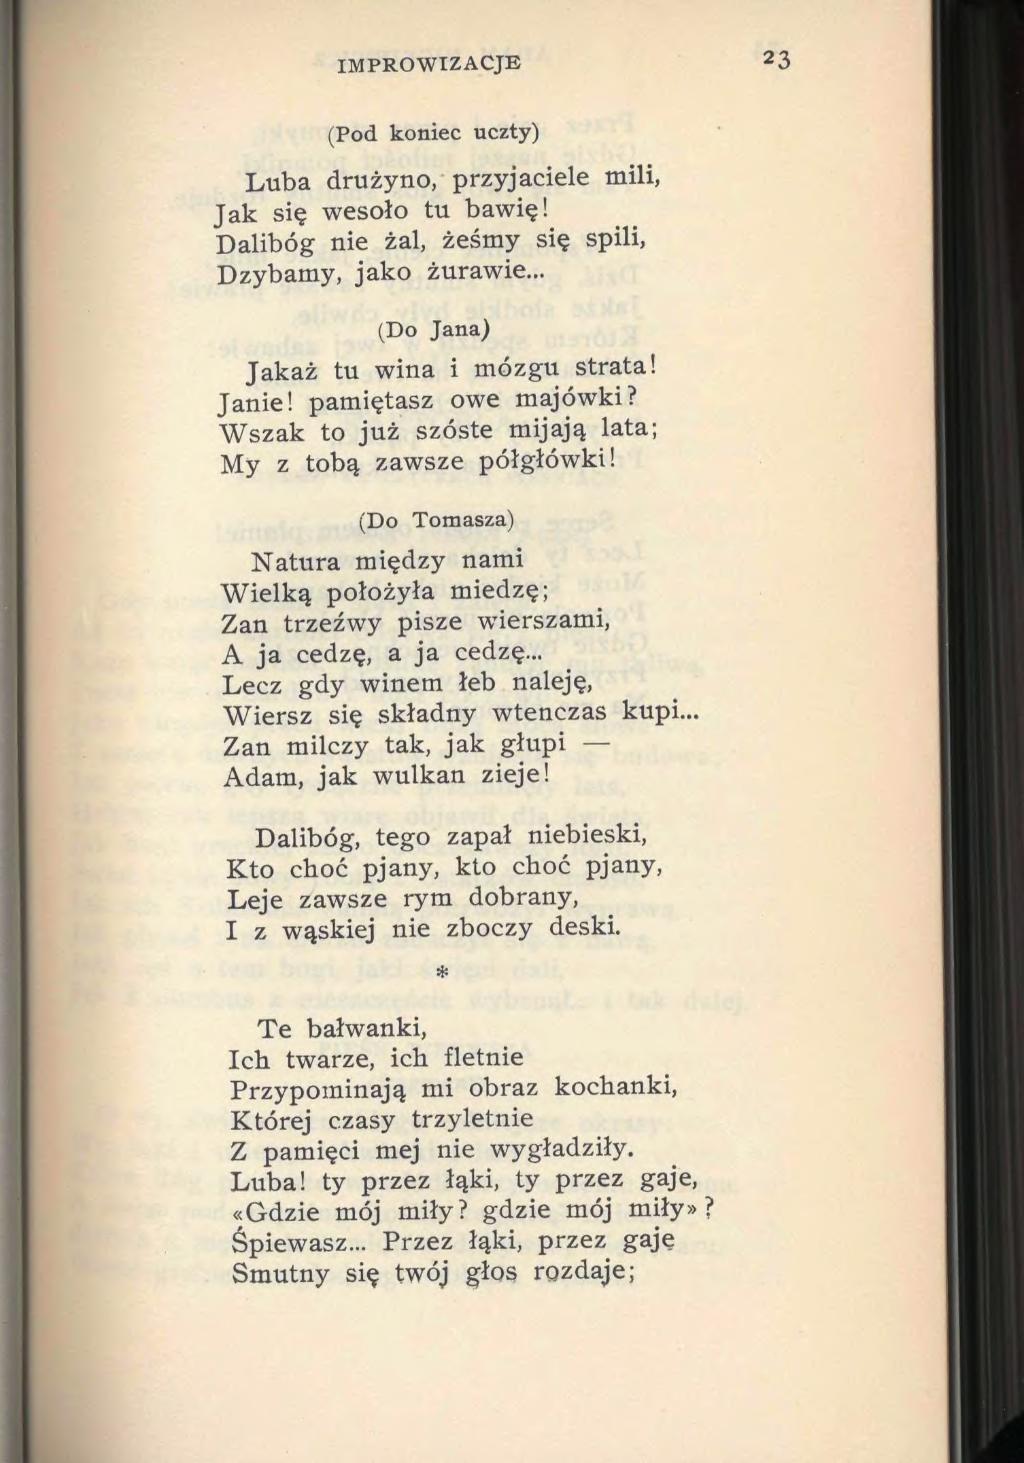 Stronapl Adam Mickiewicz Poezje 1929djvu041